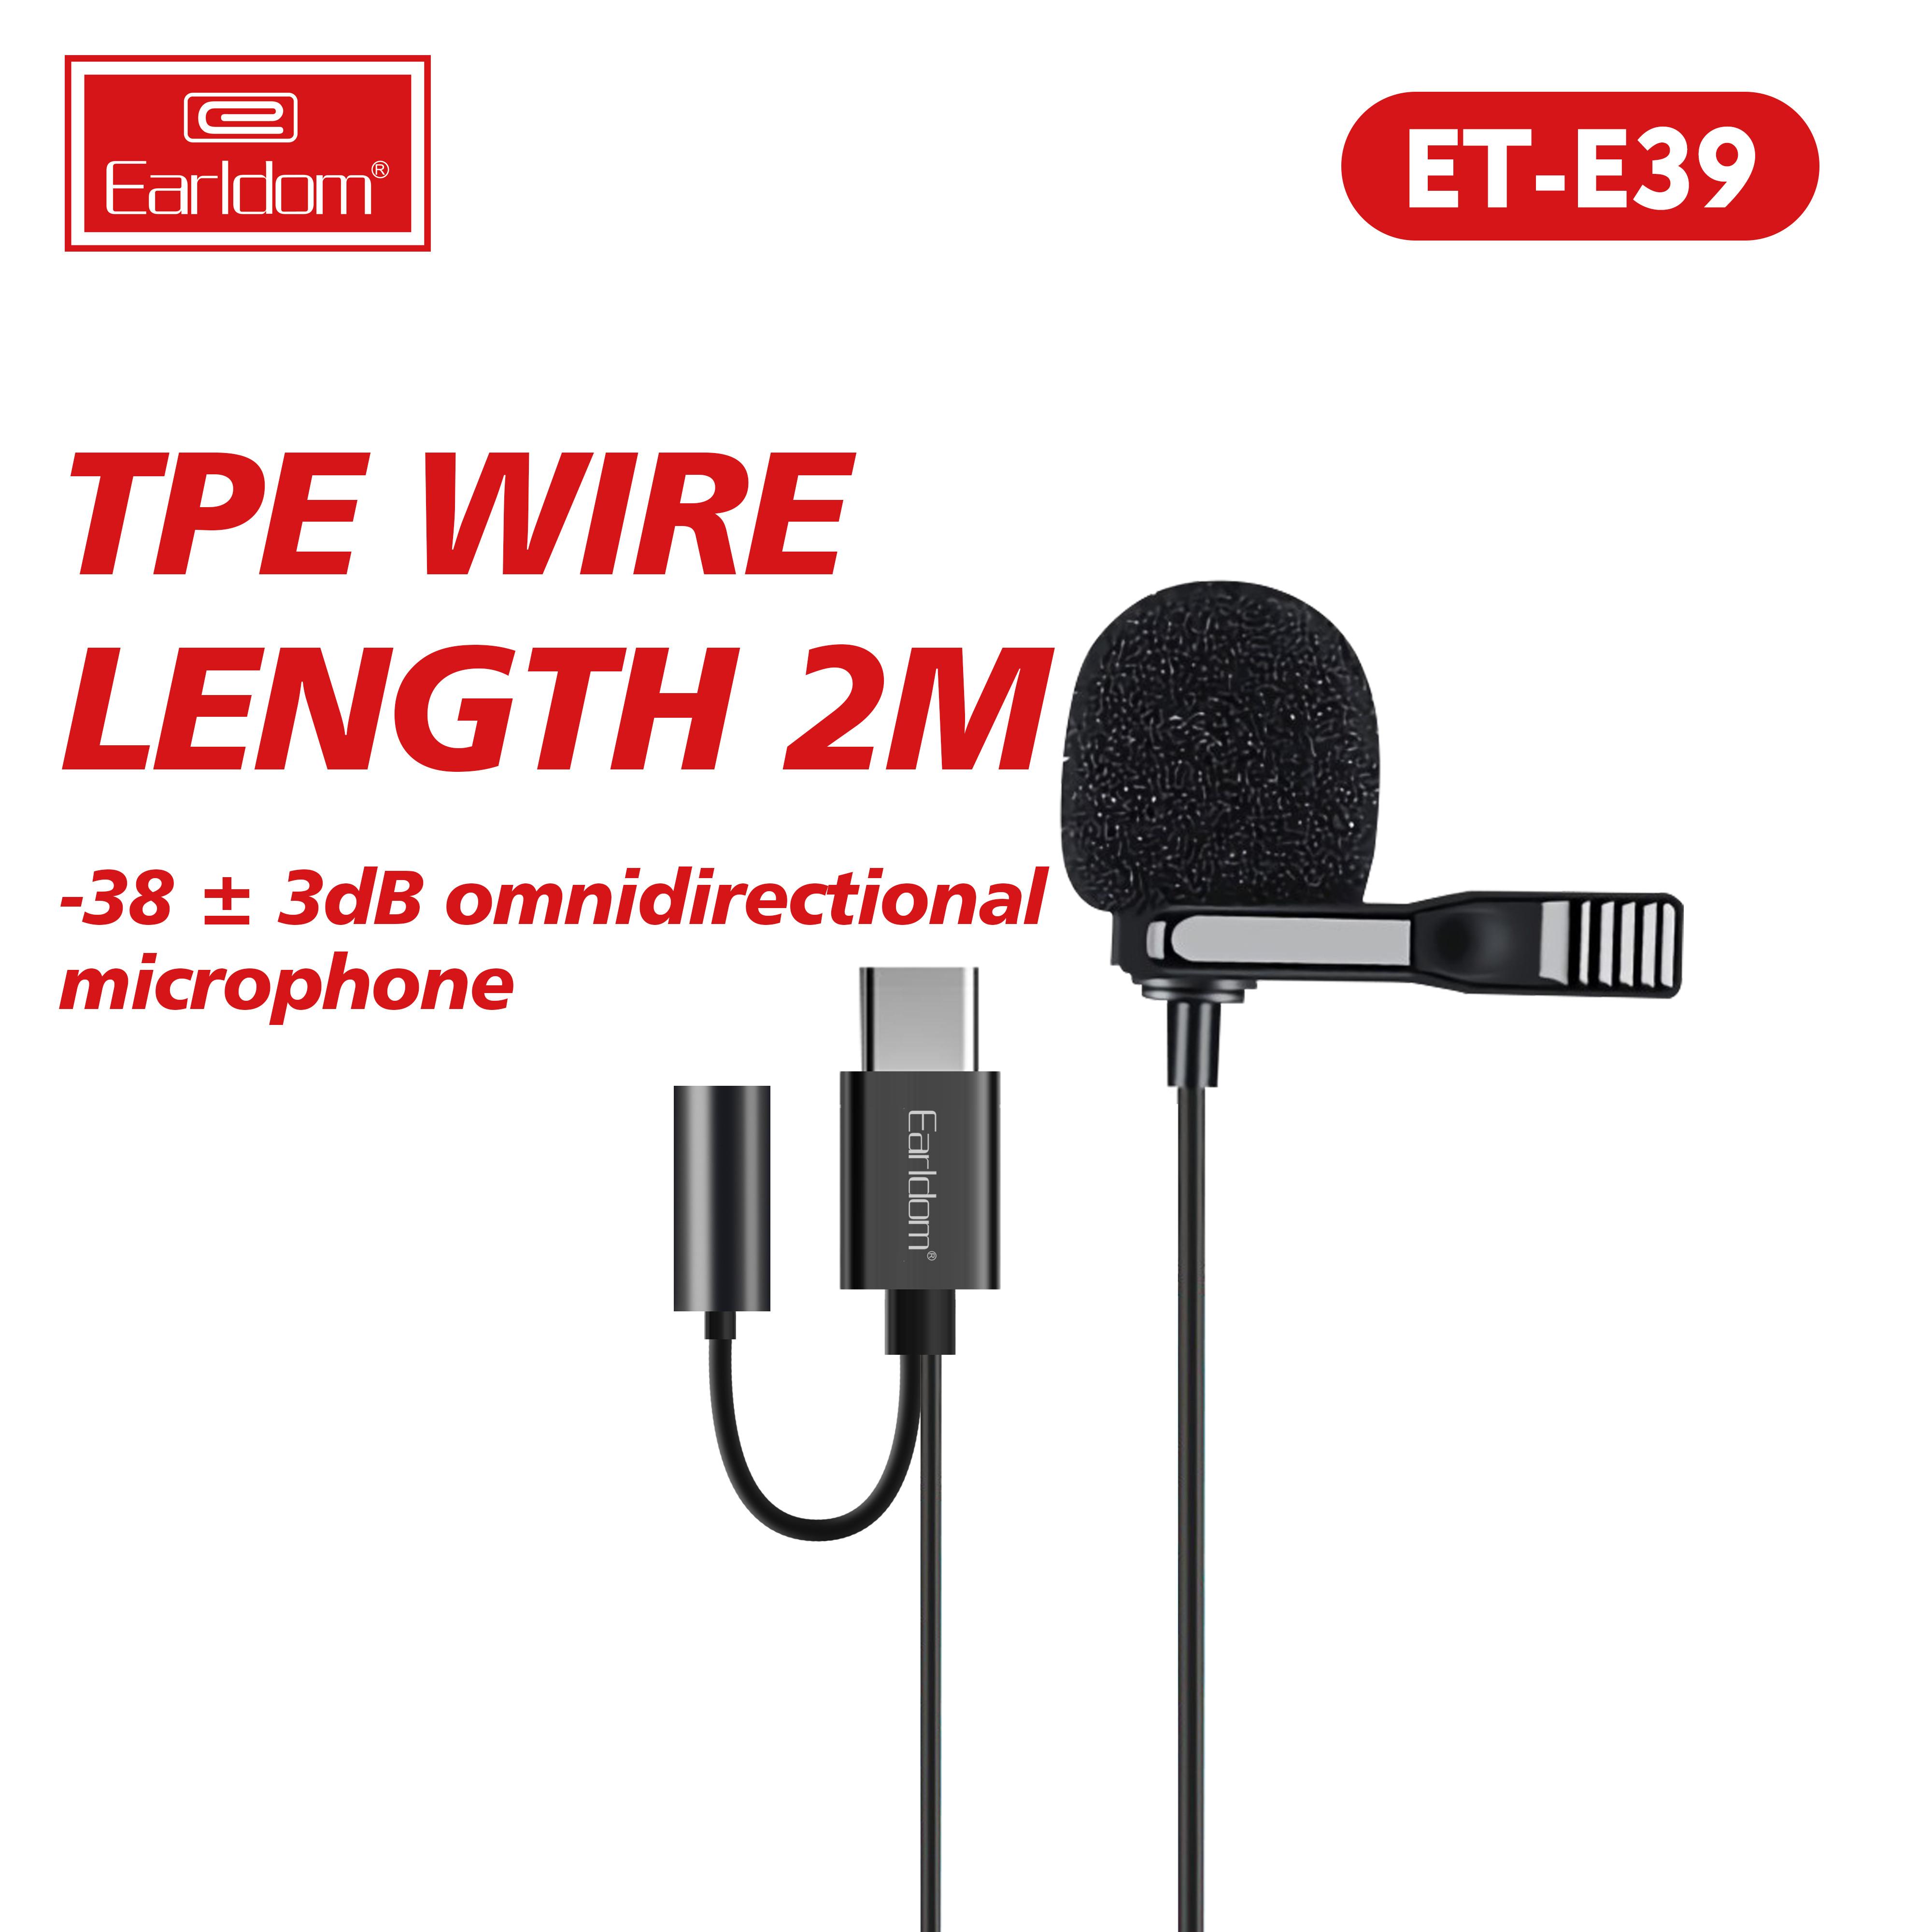 Mic Thu Âm Mini Cho Điện Thoại Chân Type C kèm Jack Cắm Tai Nghe Earldom E39 Lọc nhiễu tốt ghi âm chuẩn-Hàng chính hãng.